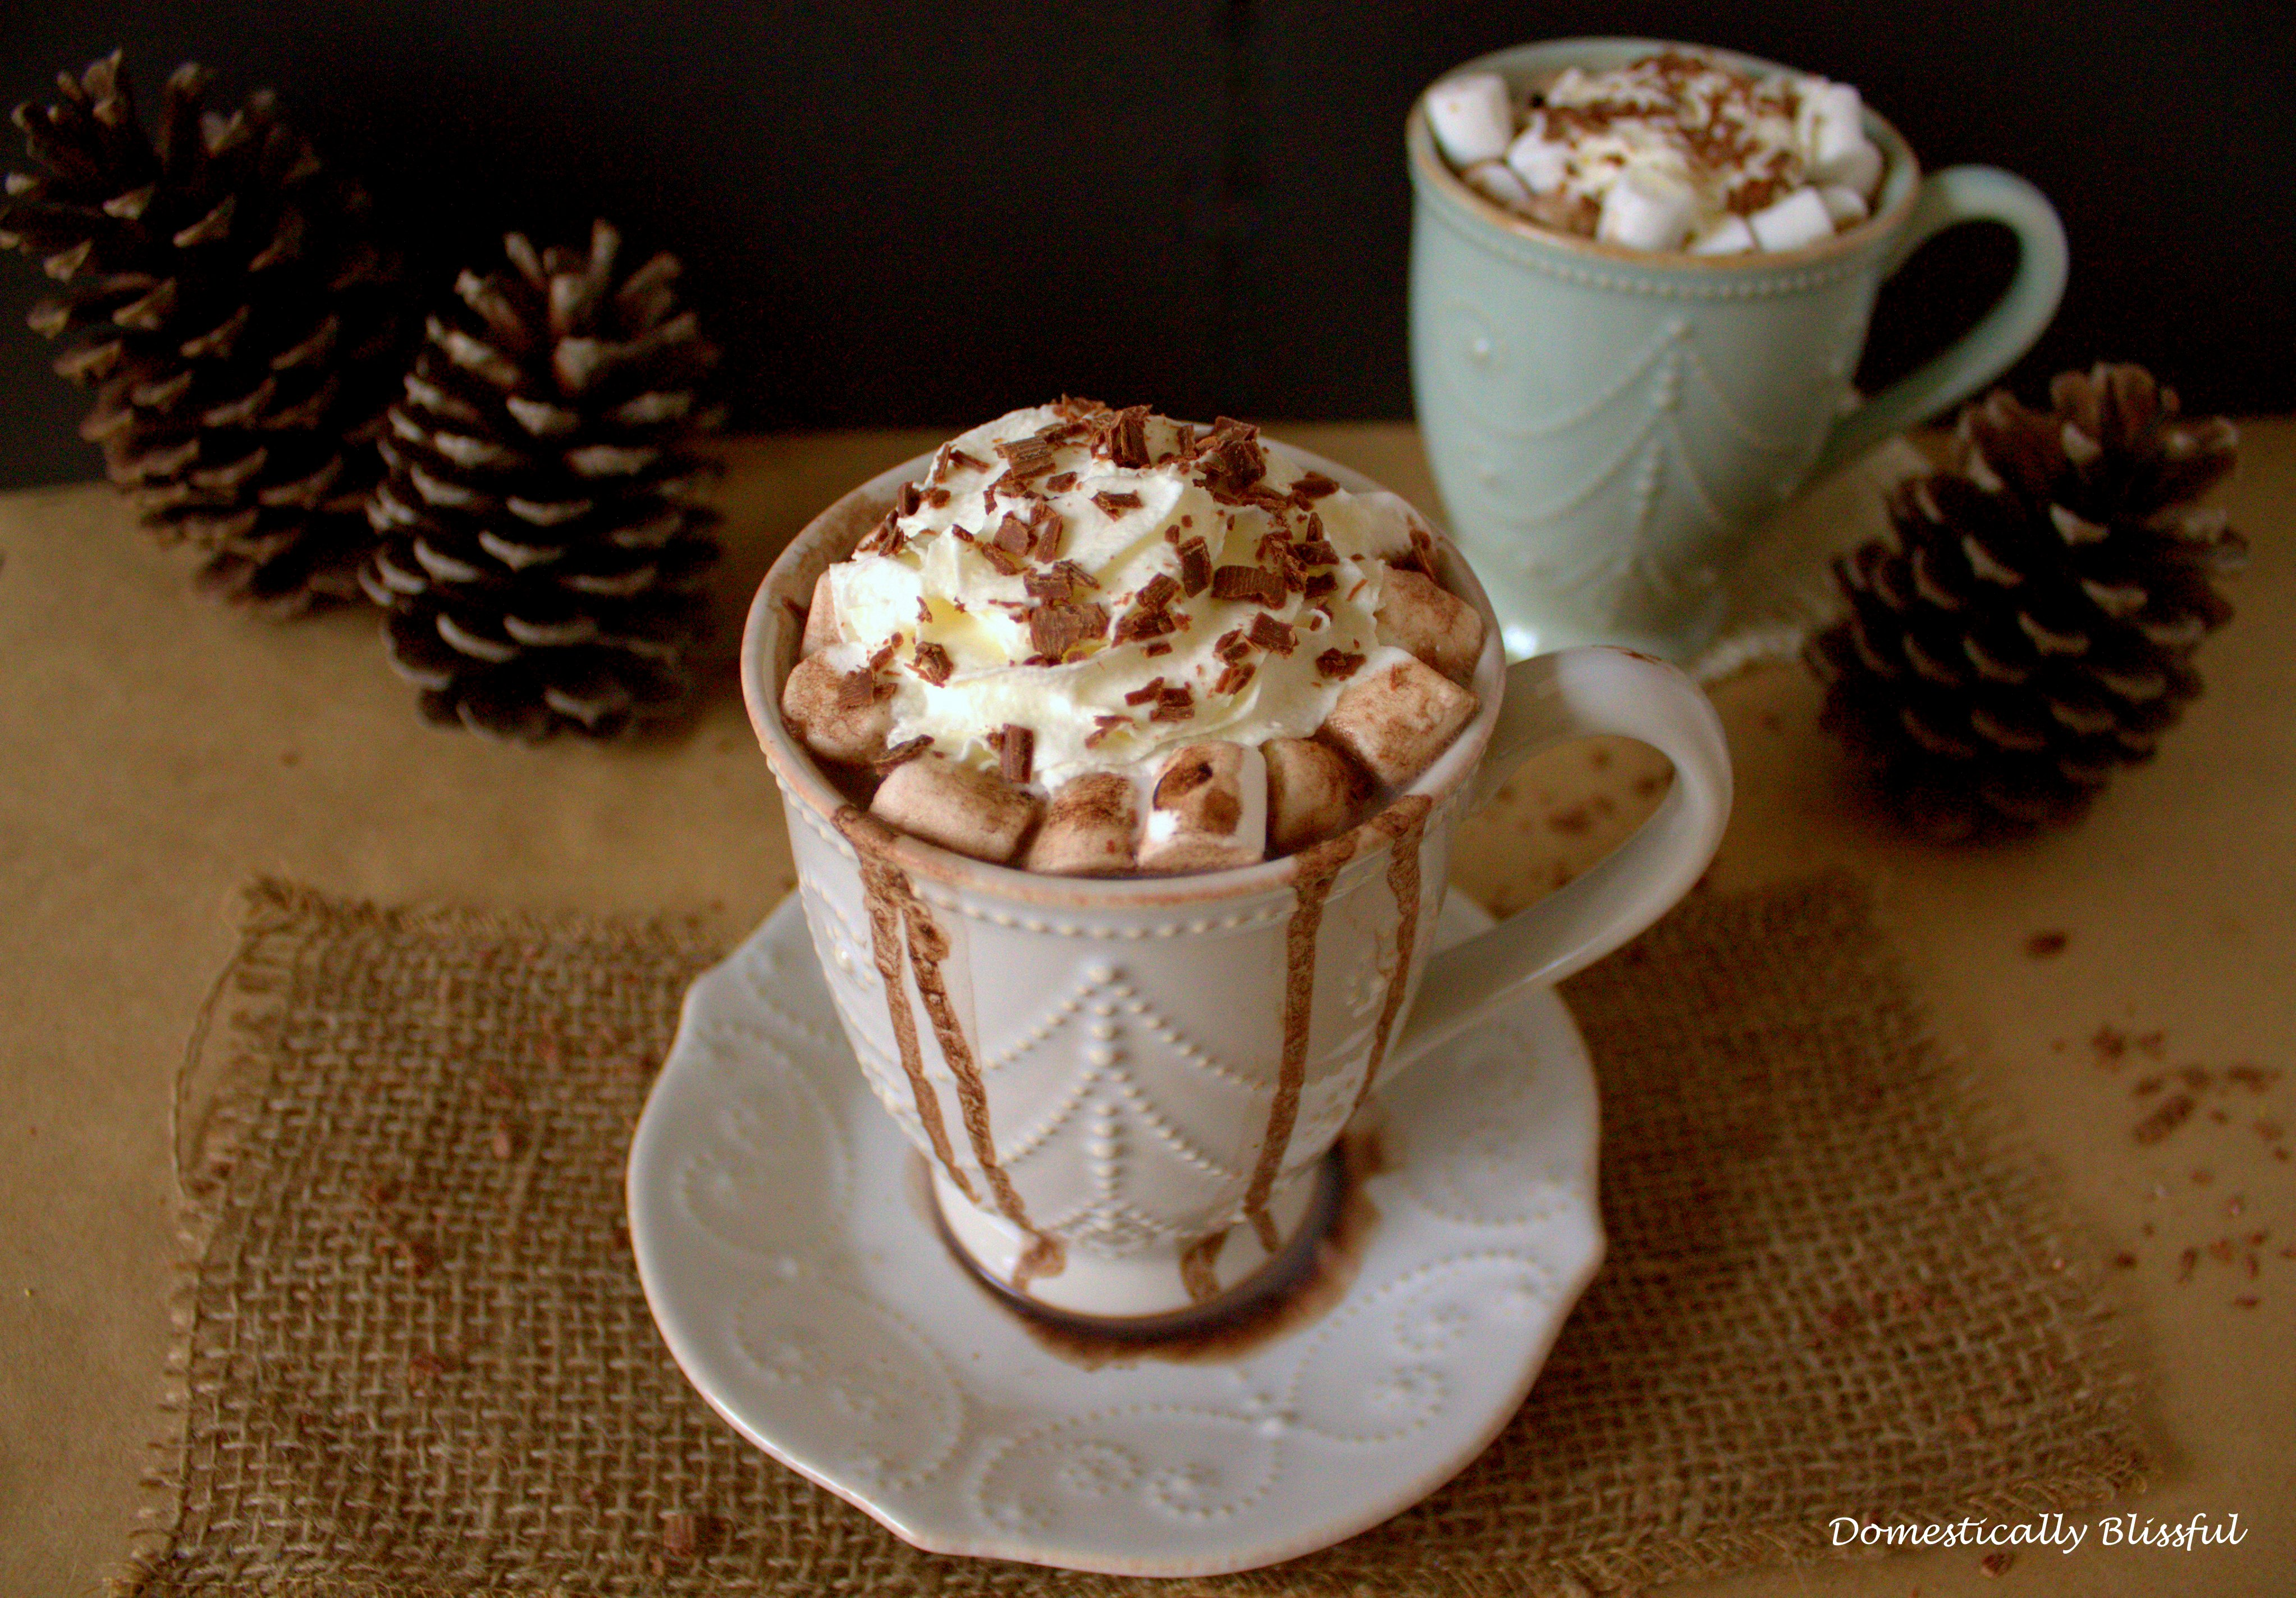 French Vanilla Hot Chocolate